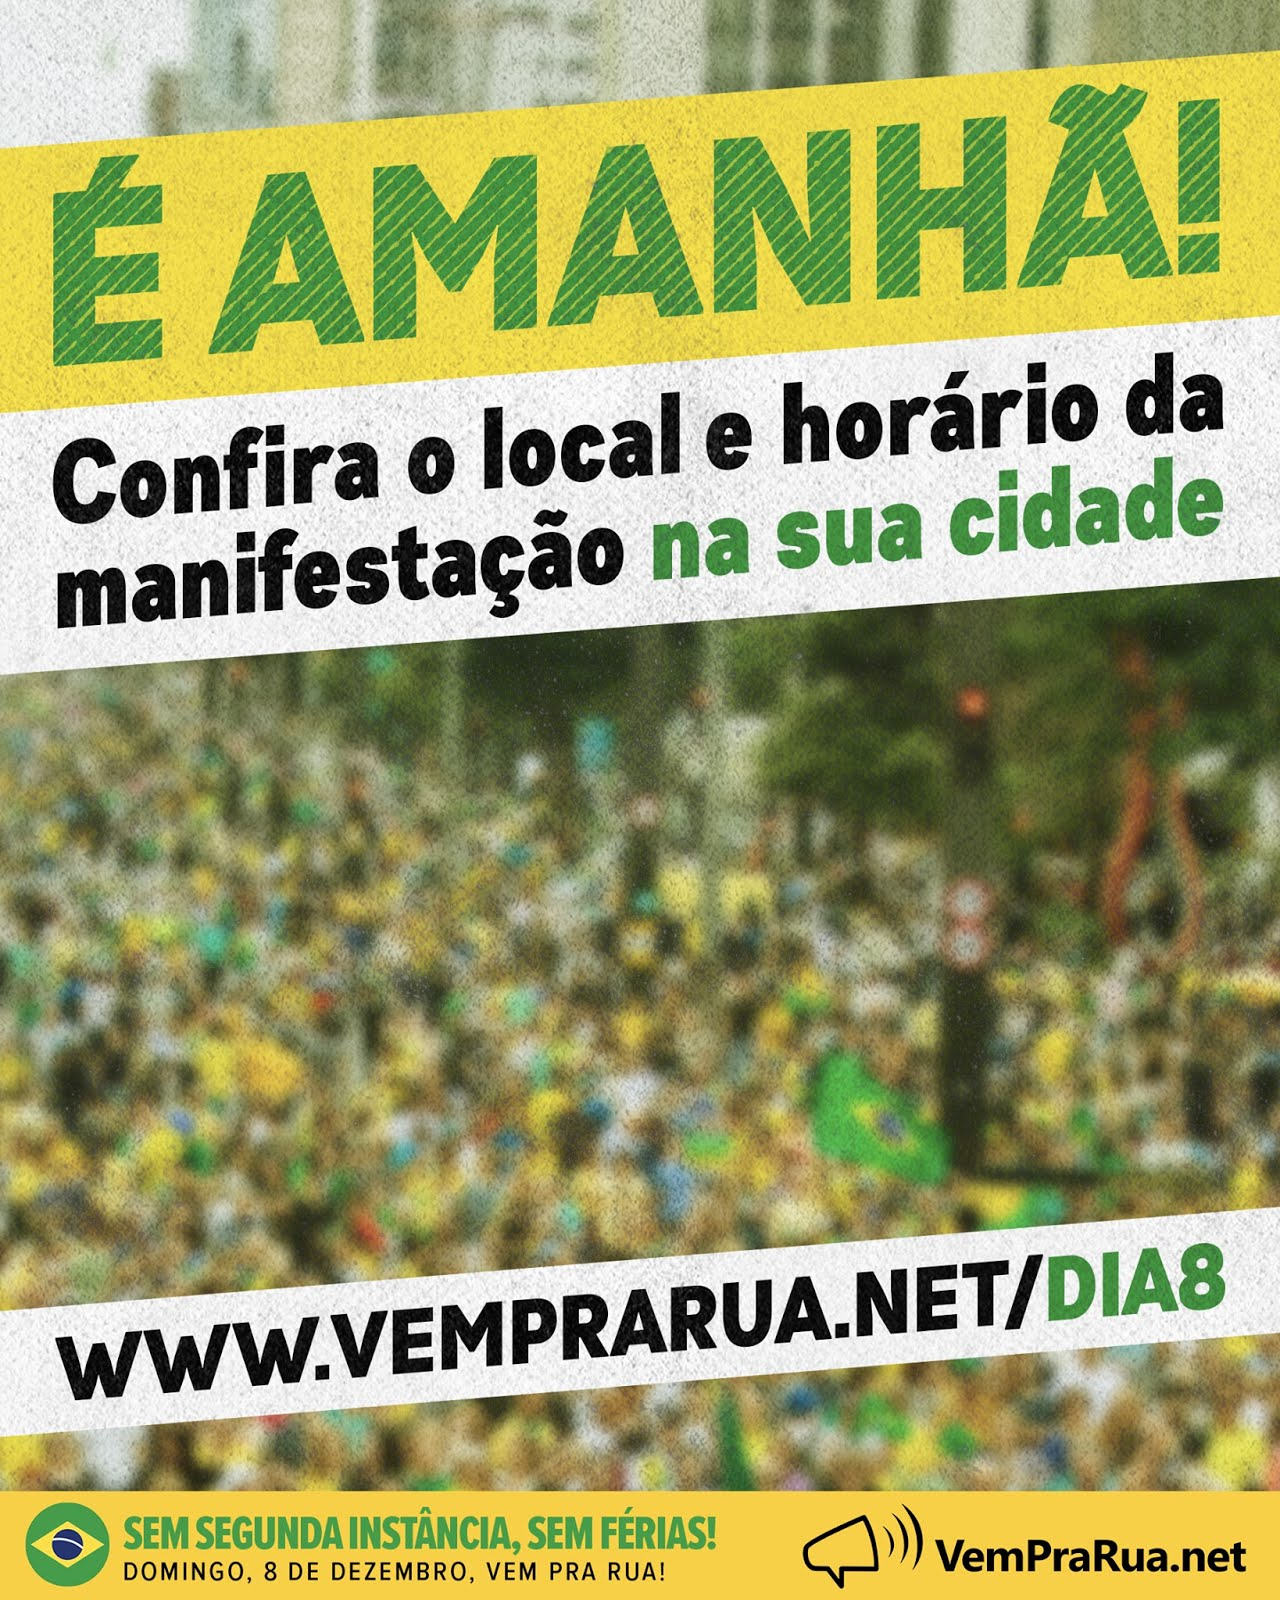 112 cidades confirmadas (inclusive Lisboa!)